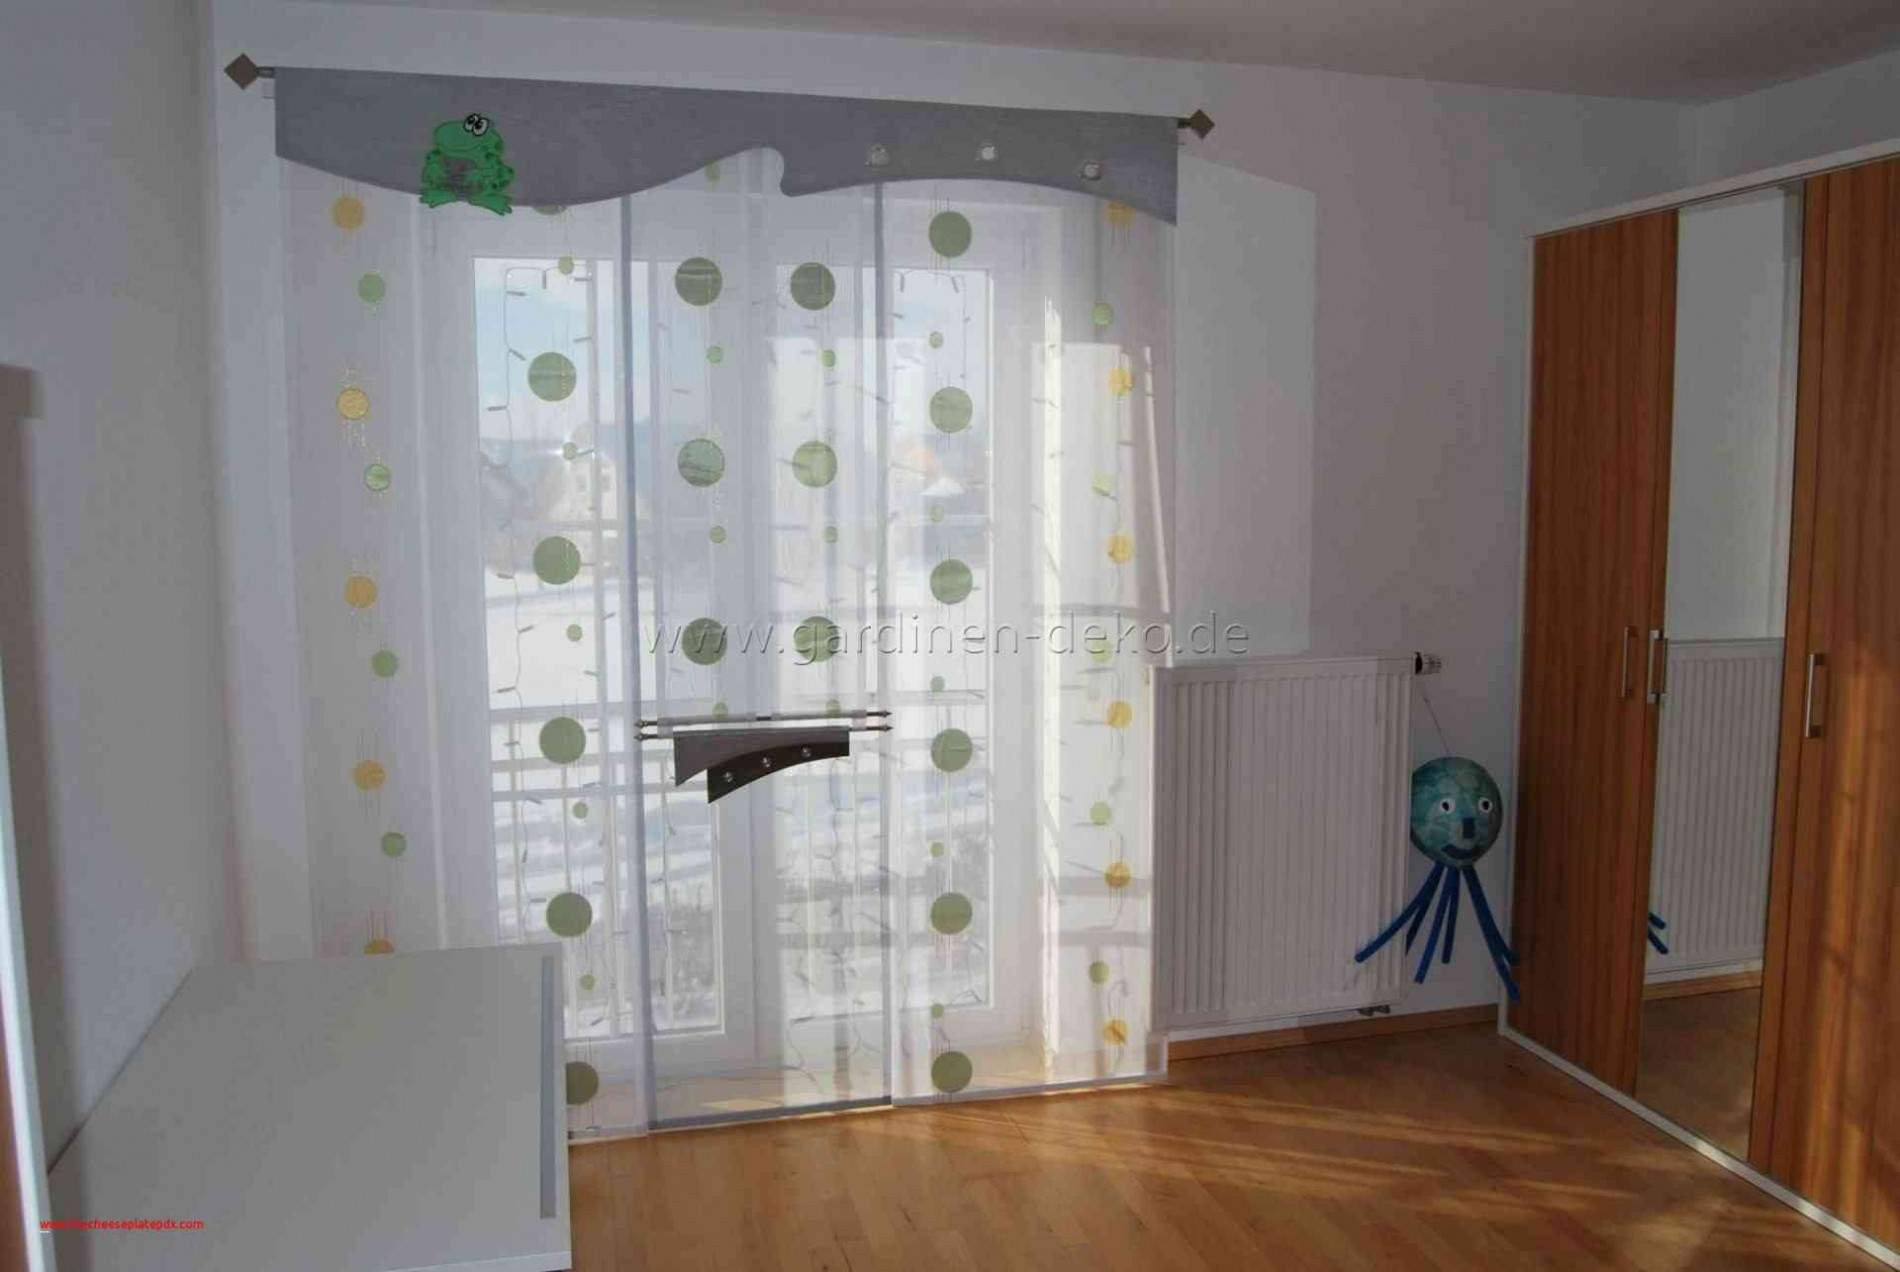 Full Size of Fensterdekoration Gardinen Beispiele 32 Einzigartig Wohnzimmer Modern Ideen Schn Scheibengardinen Küche Für Schlafzimmer Die Fenster Wohnzimmer Fensterdekoration Gardinen Beispiele